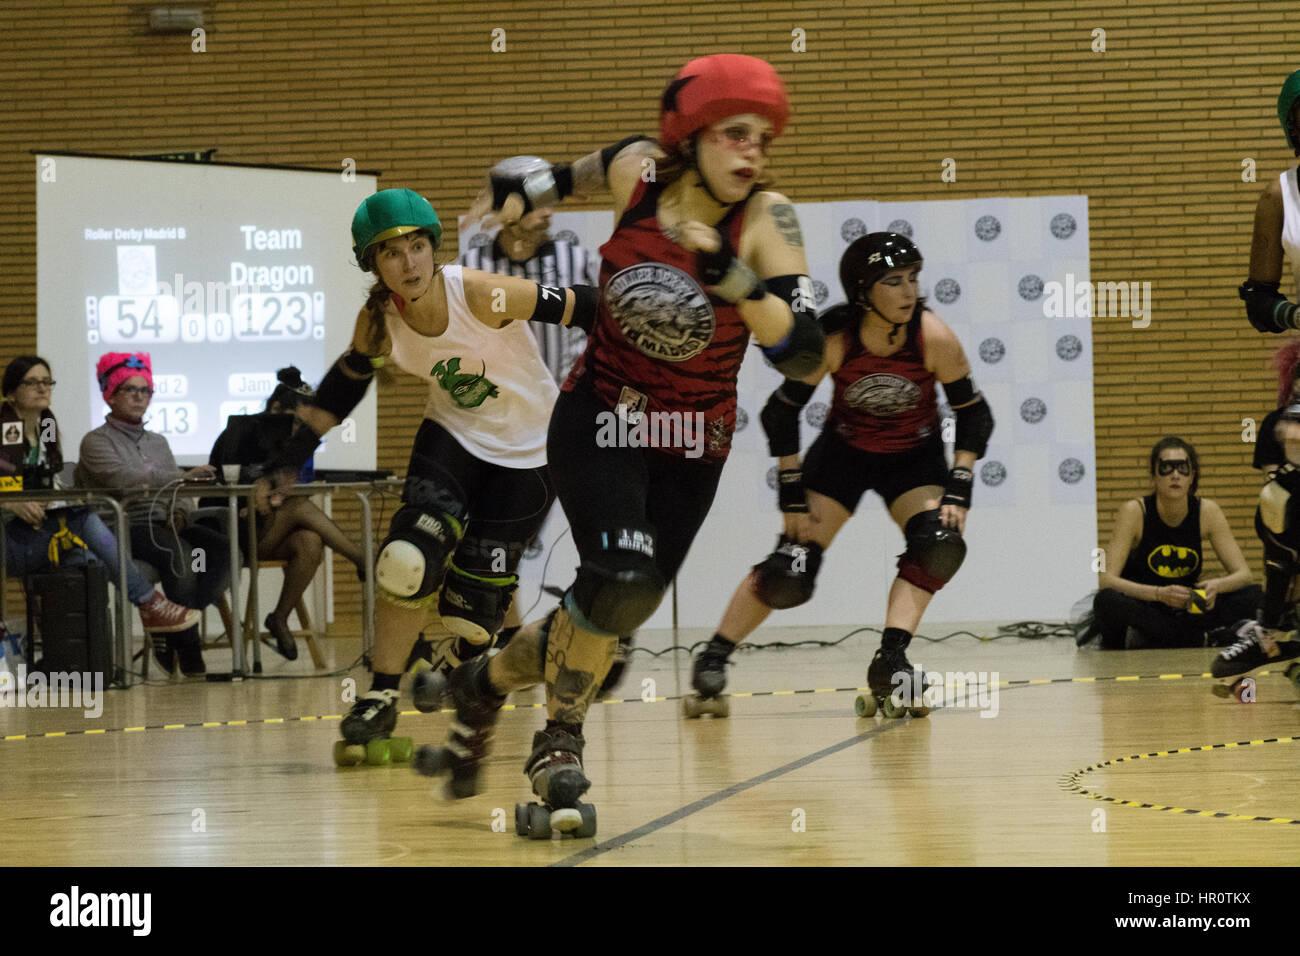 Madrid, España. 25 Feb, 2017. Hijas de Odin 78, jammer de Team Dragon, chaising la mordaza del rodillo Derby Imagen De Stock